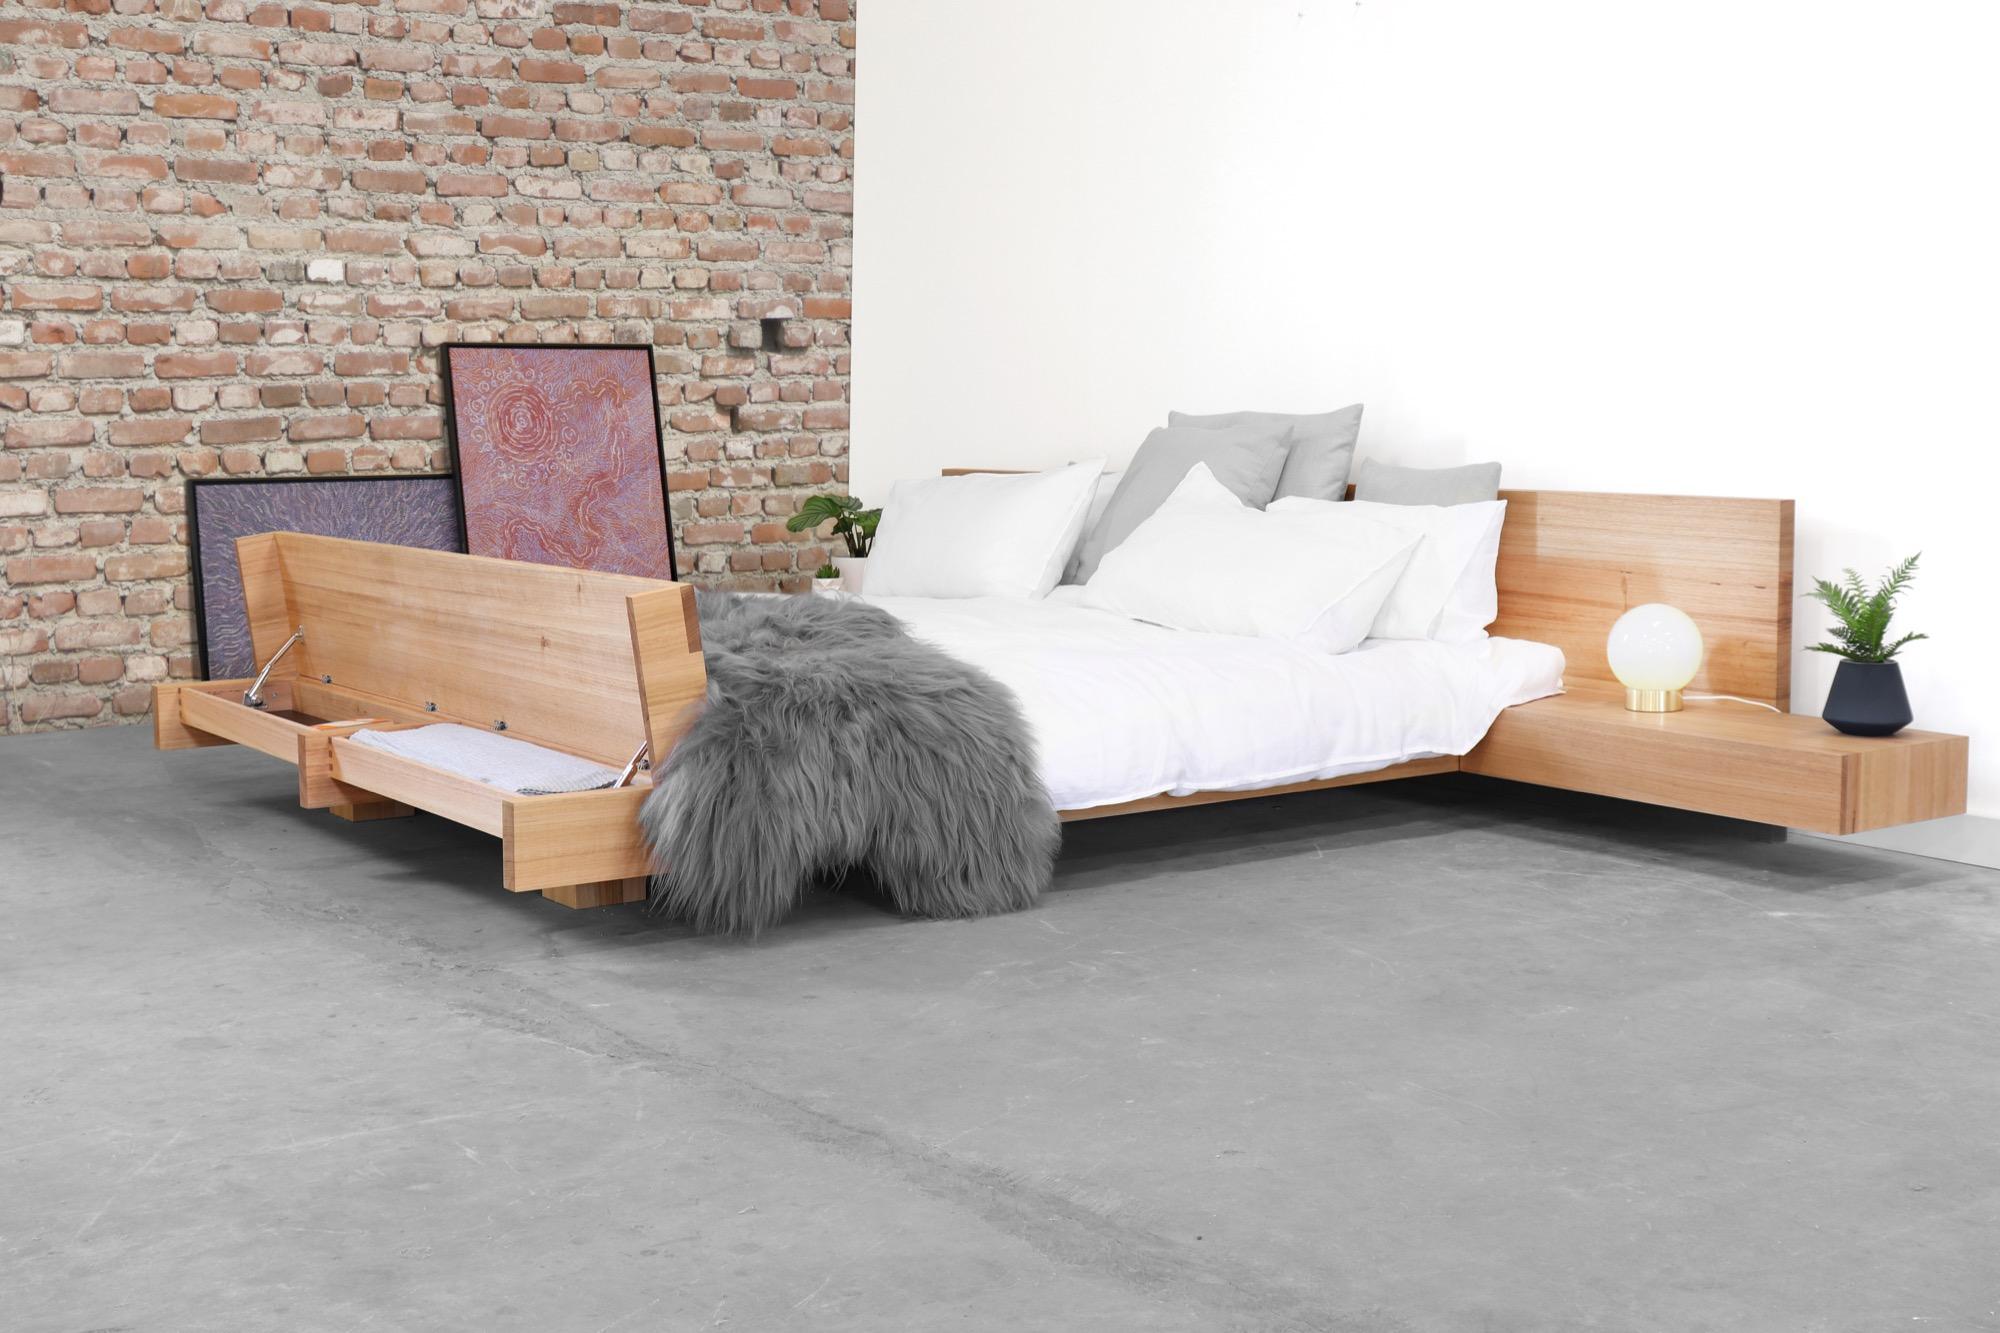 NYX Bed by Sawdust Bureau_05